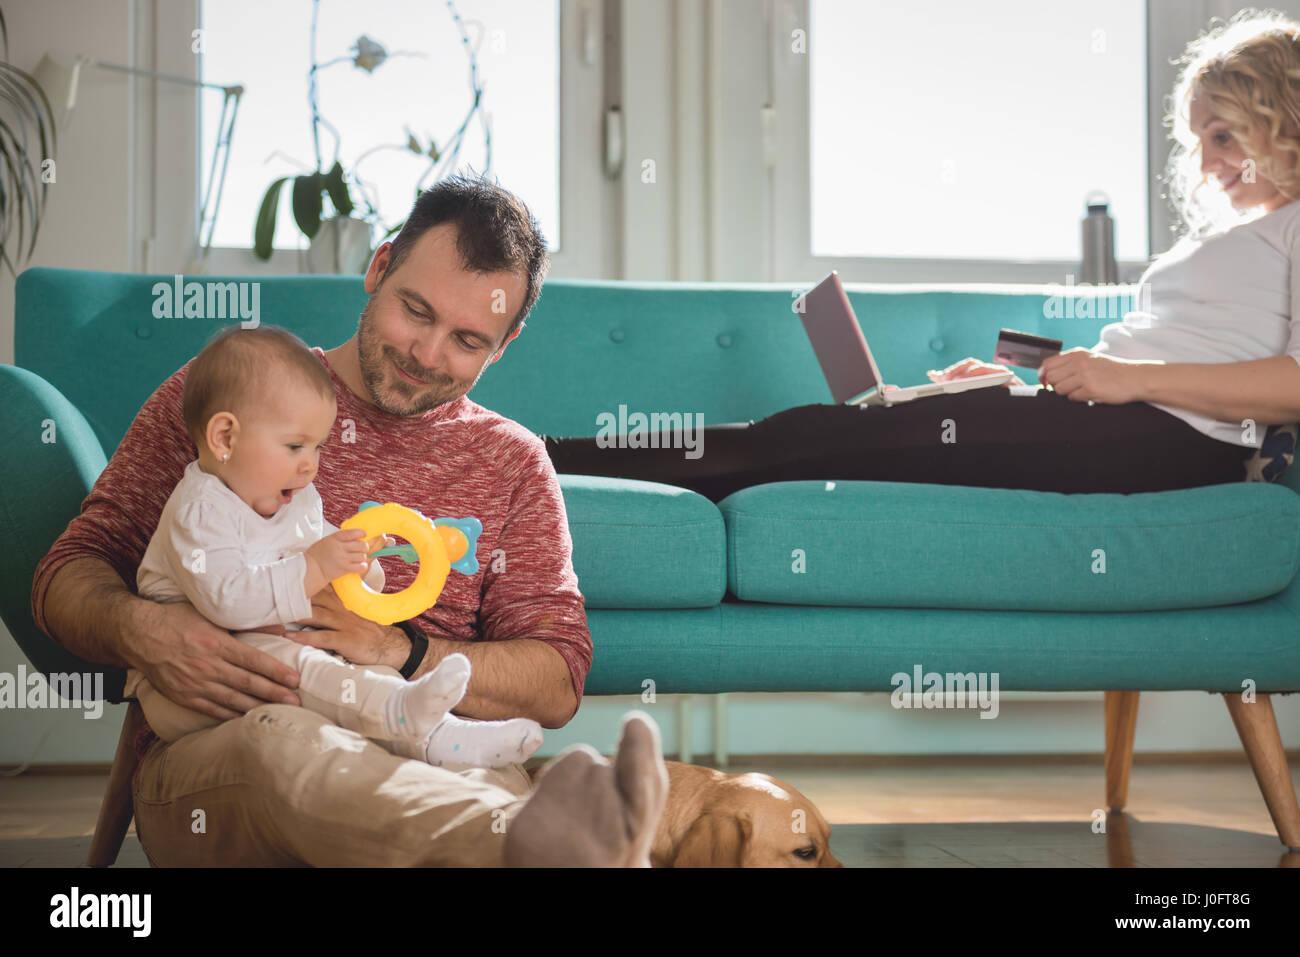 Vater auf dem Boden sitzend und hält Baby im Arm während Frau auf Sofa sitzen und tun, Online-shopping Stockbild